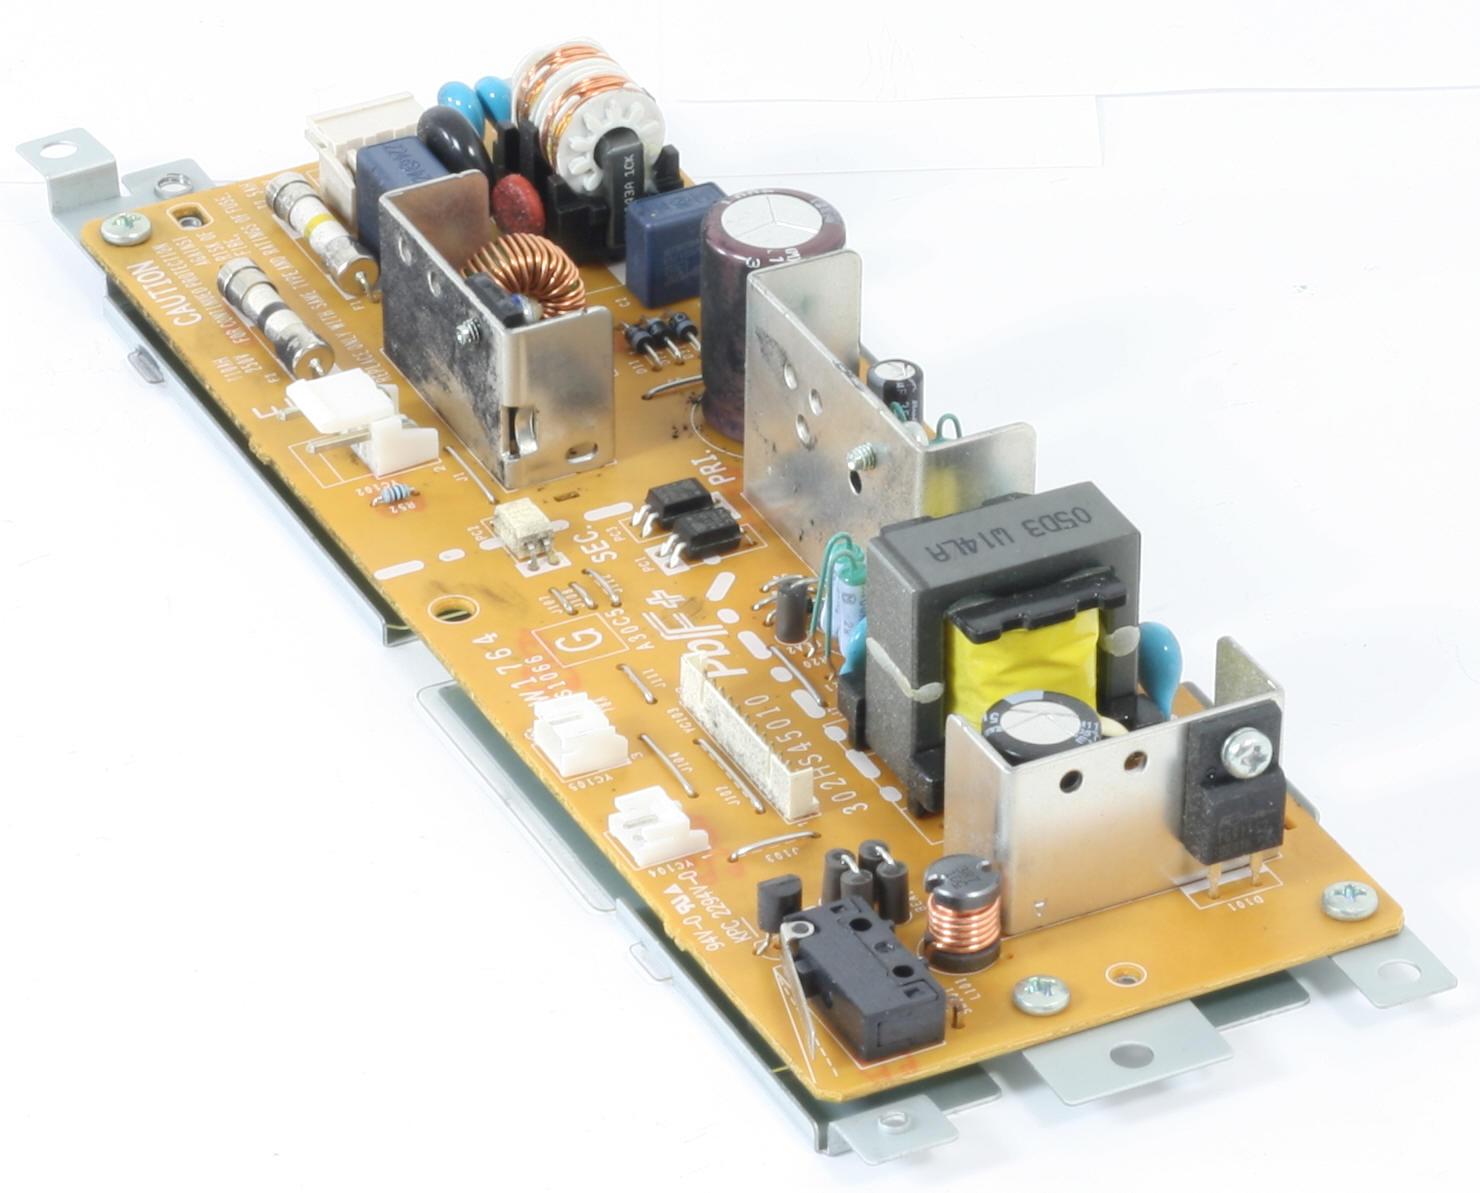 Kyocera Netzteil 302HS45010 POWER SUPPLY für FS-1300 FS-1350 FS-1370 gebraucht